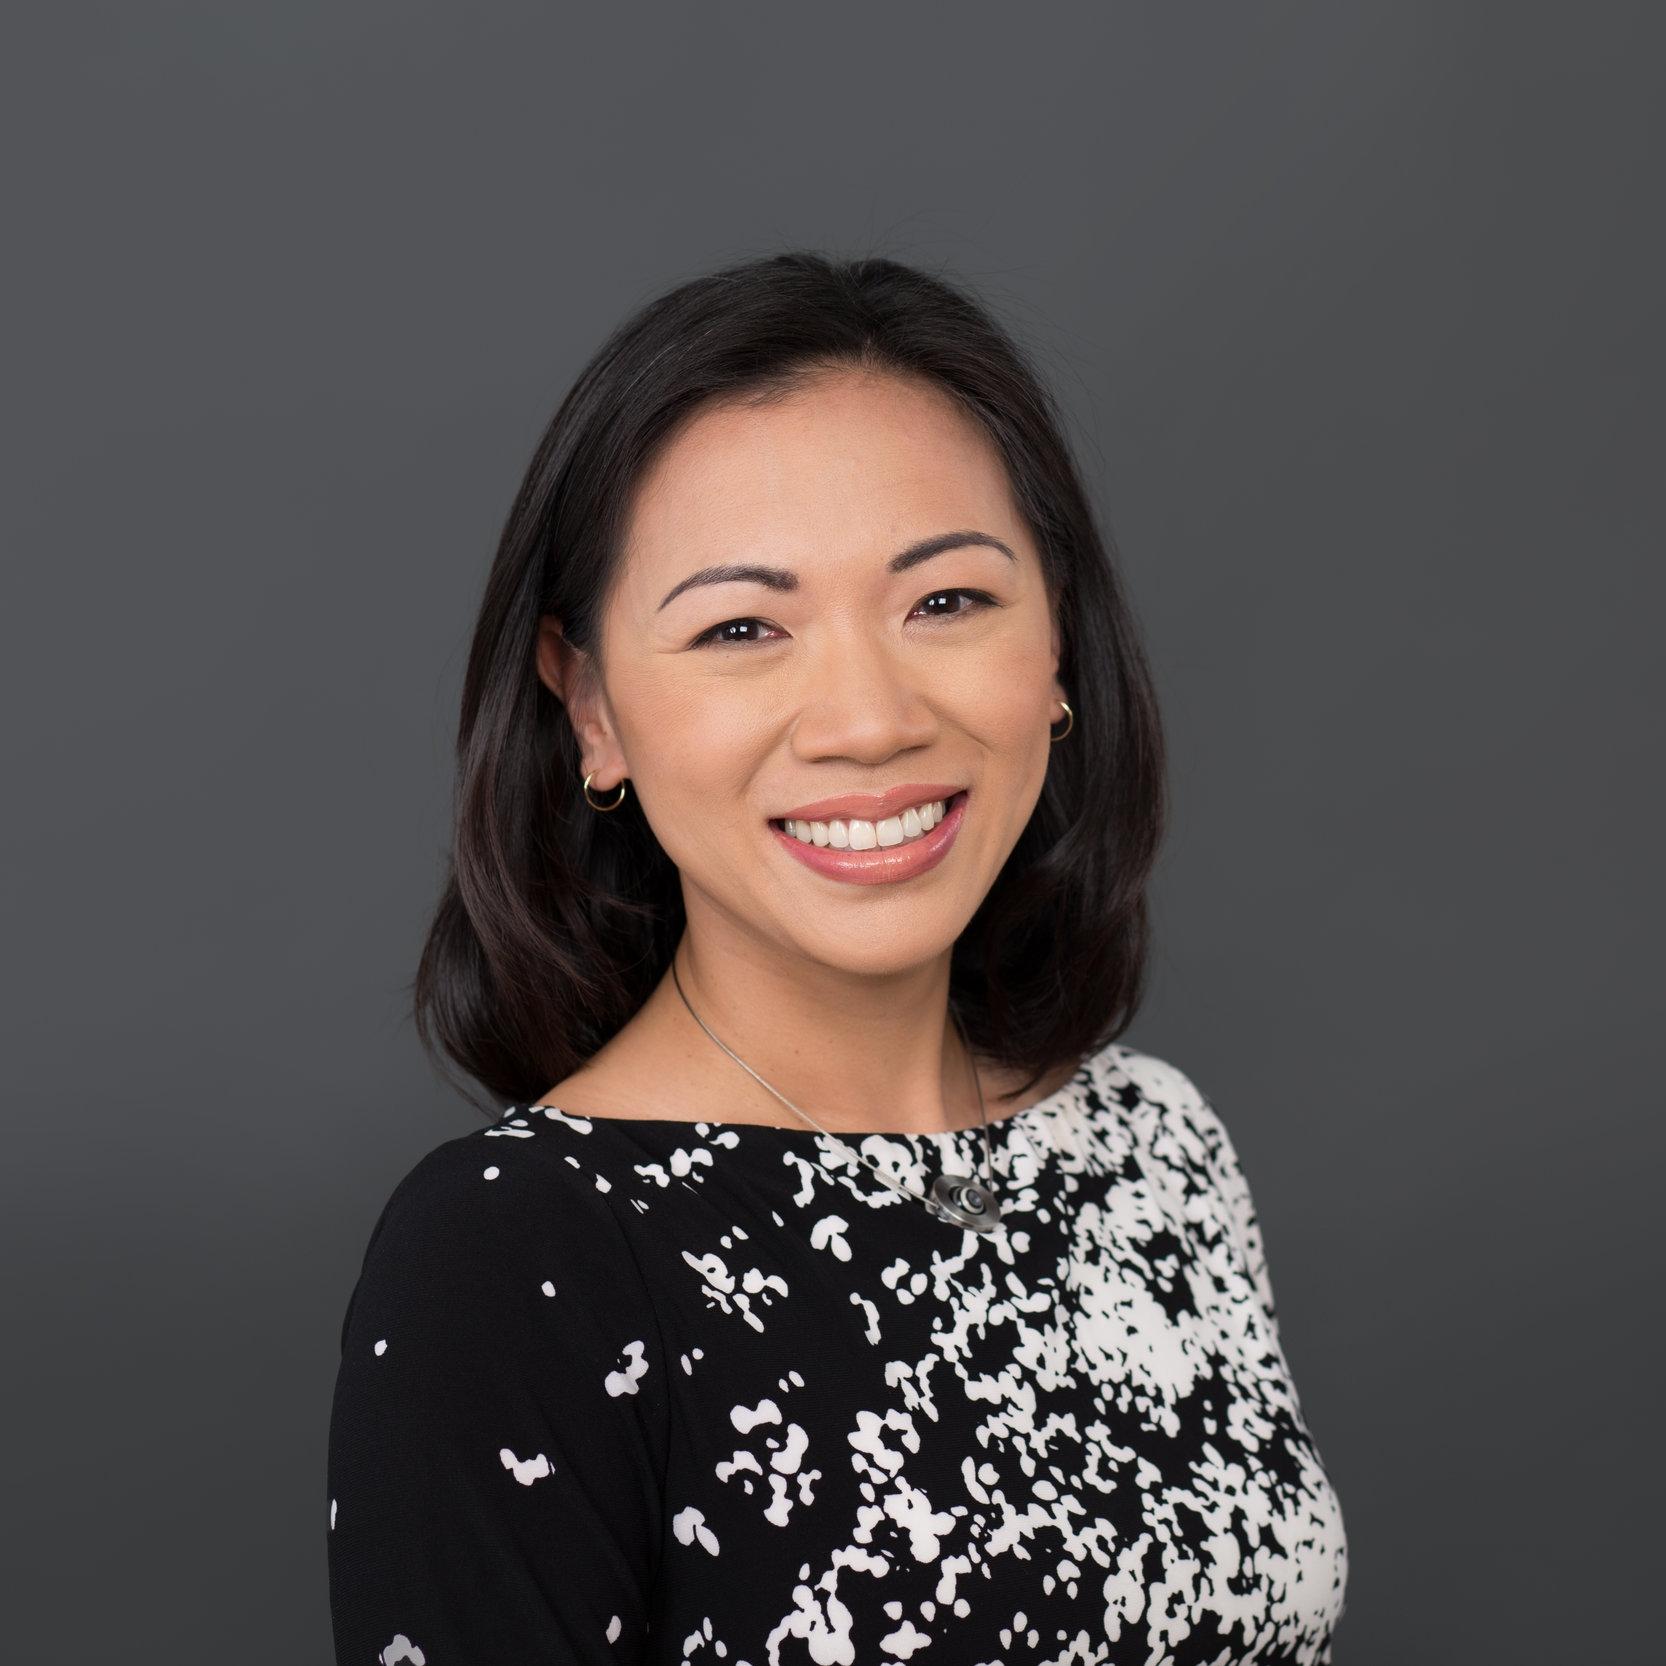 Dr. Pui-Yee Ho